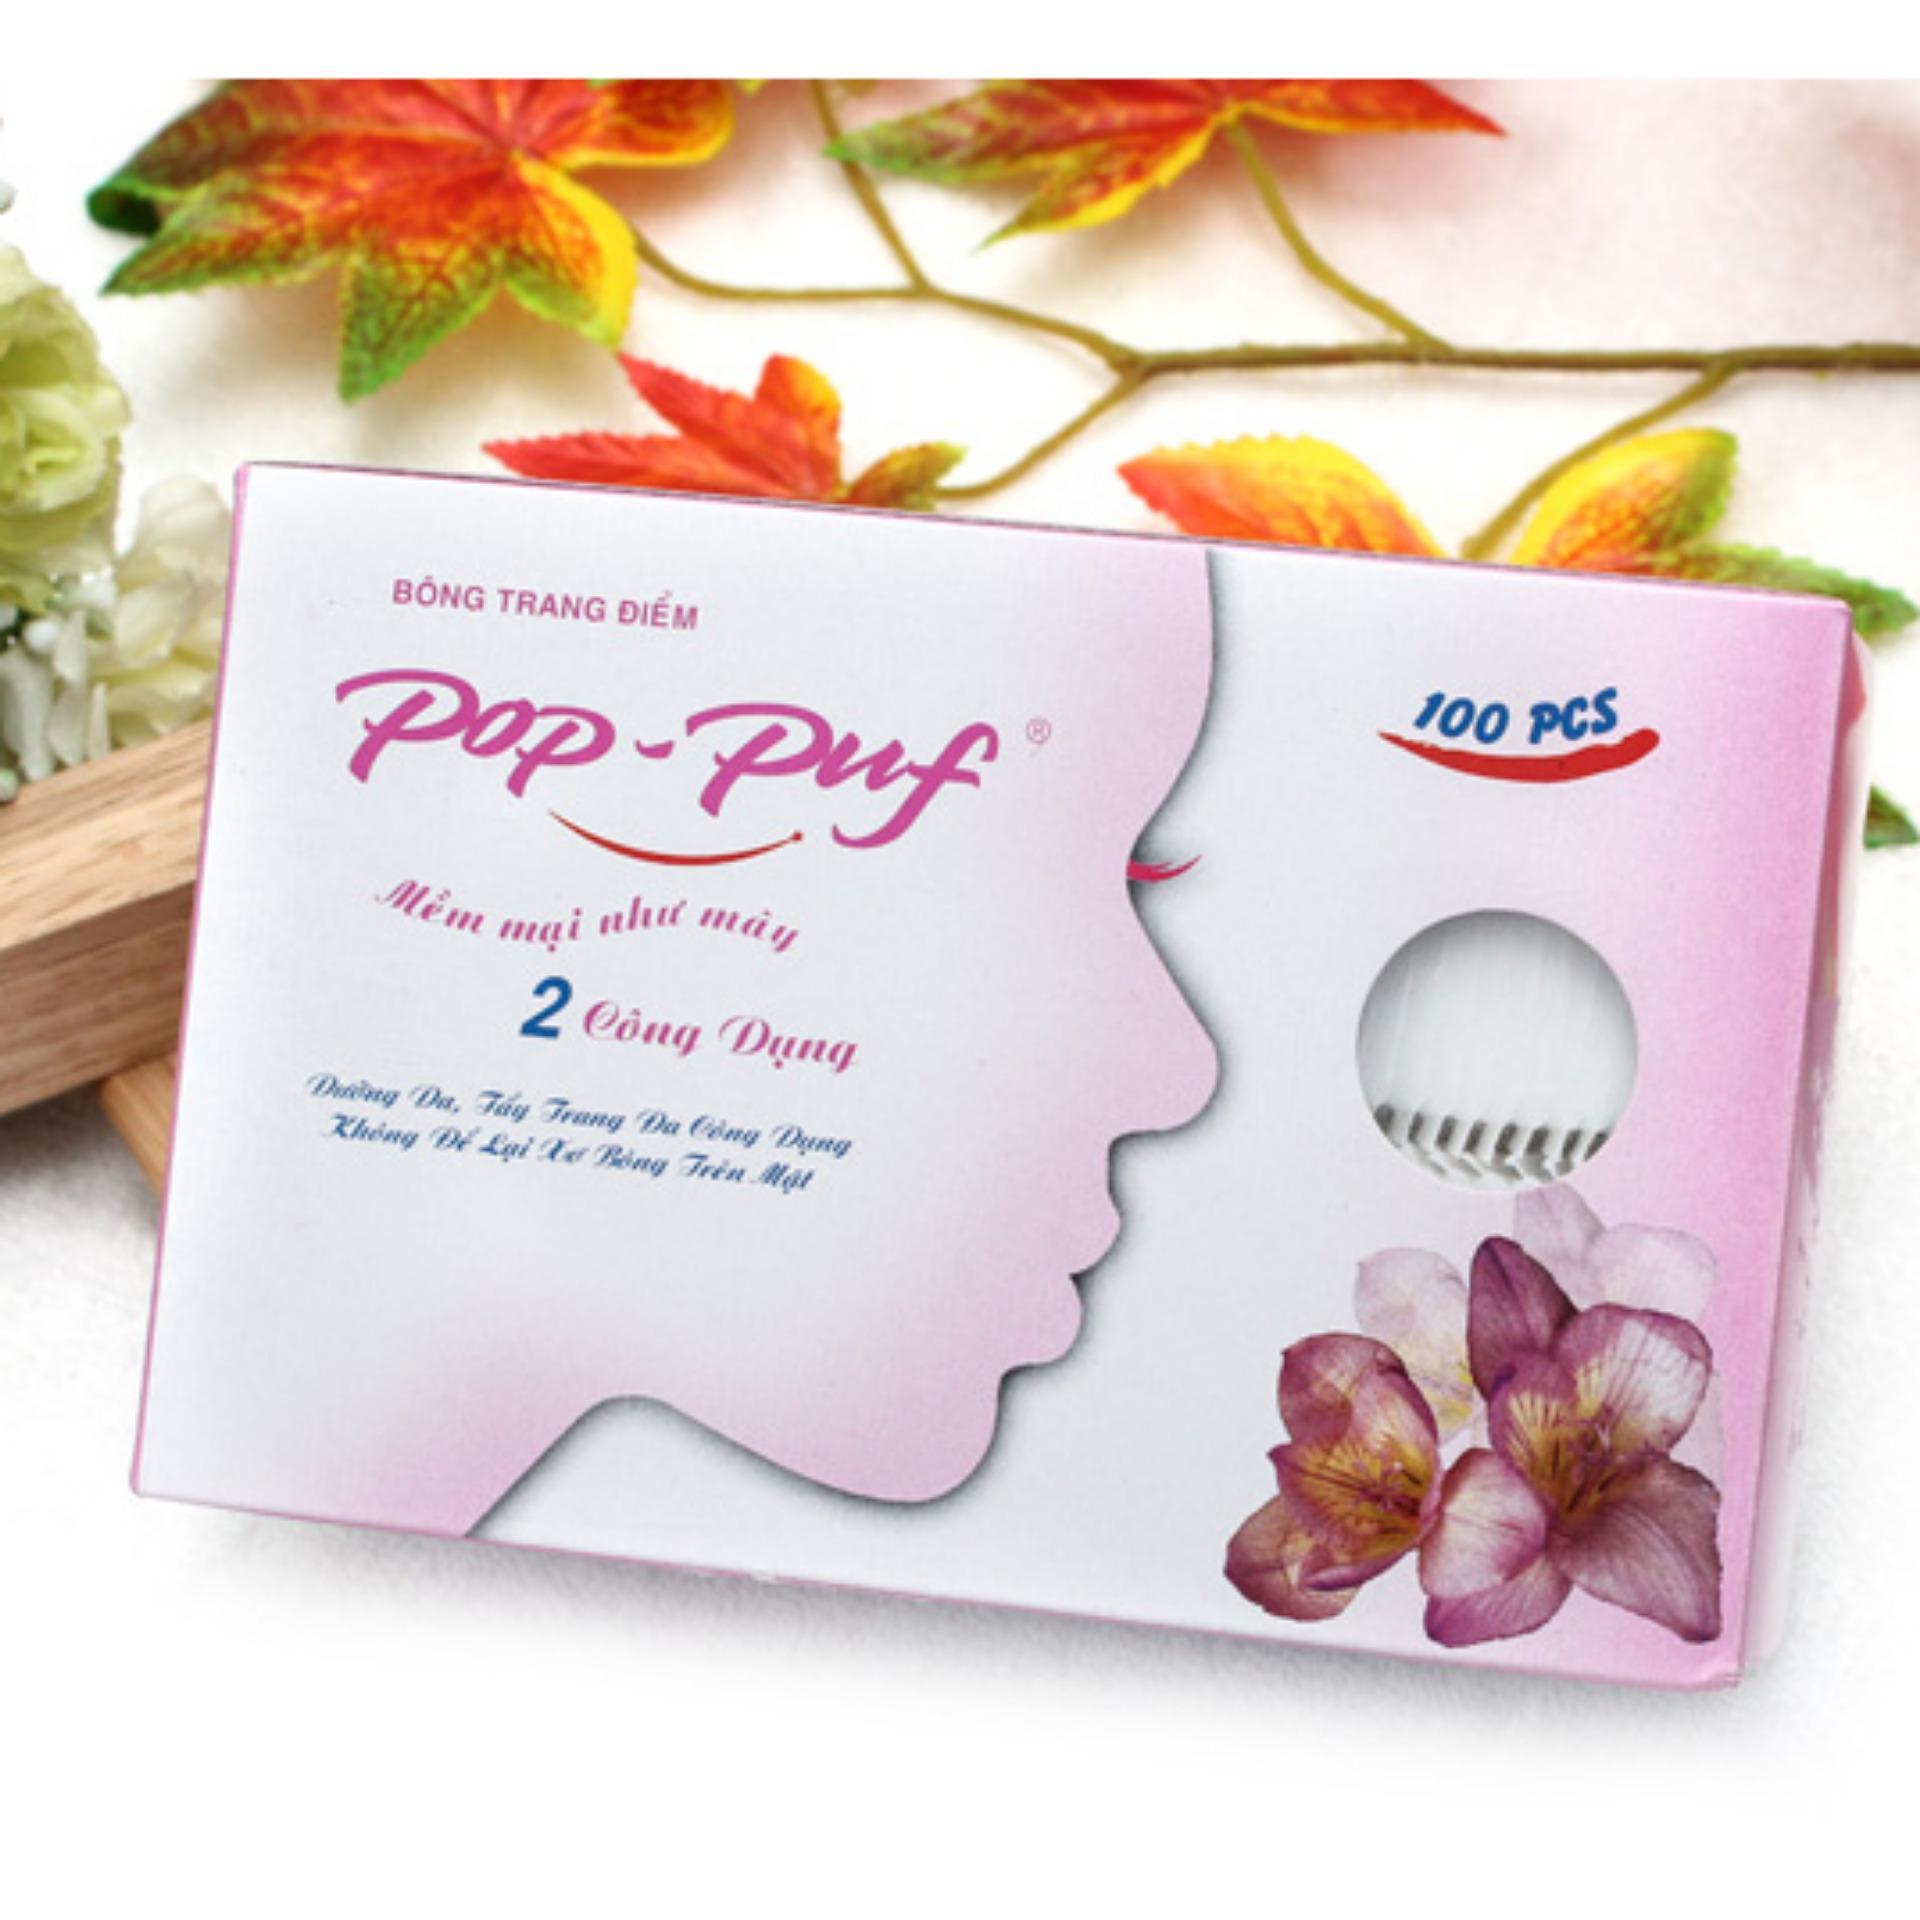 Bông tẩy trang Pop-Puf 2 Công Dụng 100 Miếng ( Trang điểm + tẩy trang)